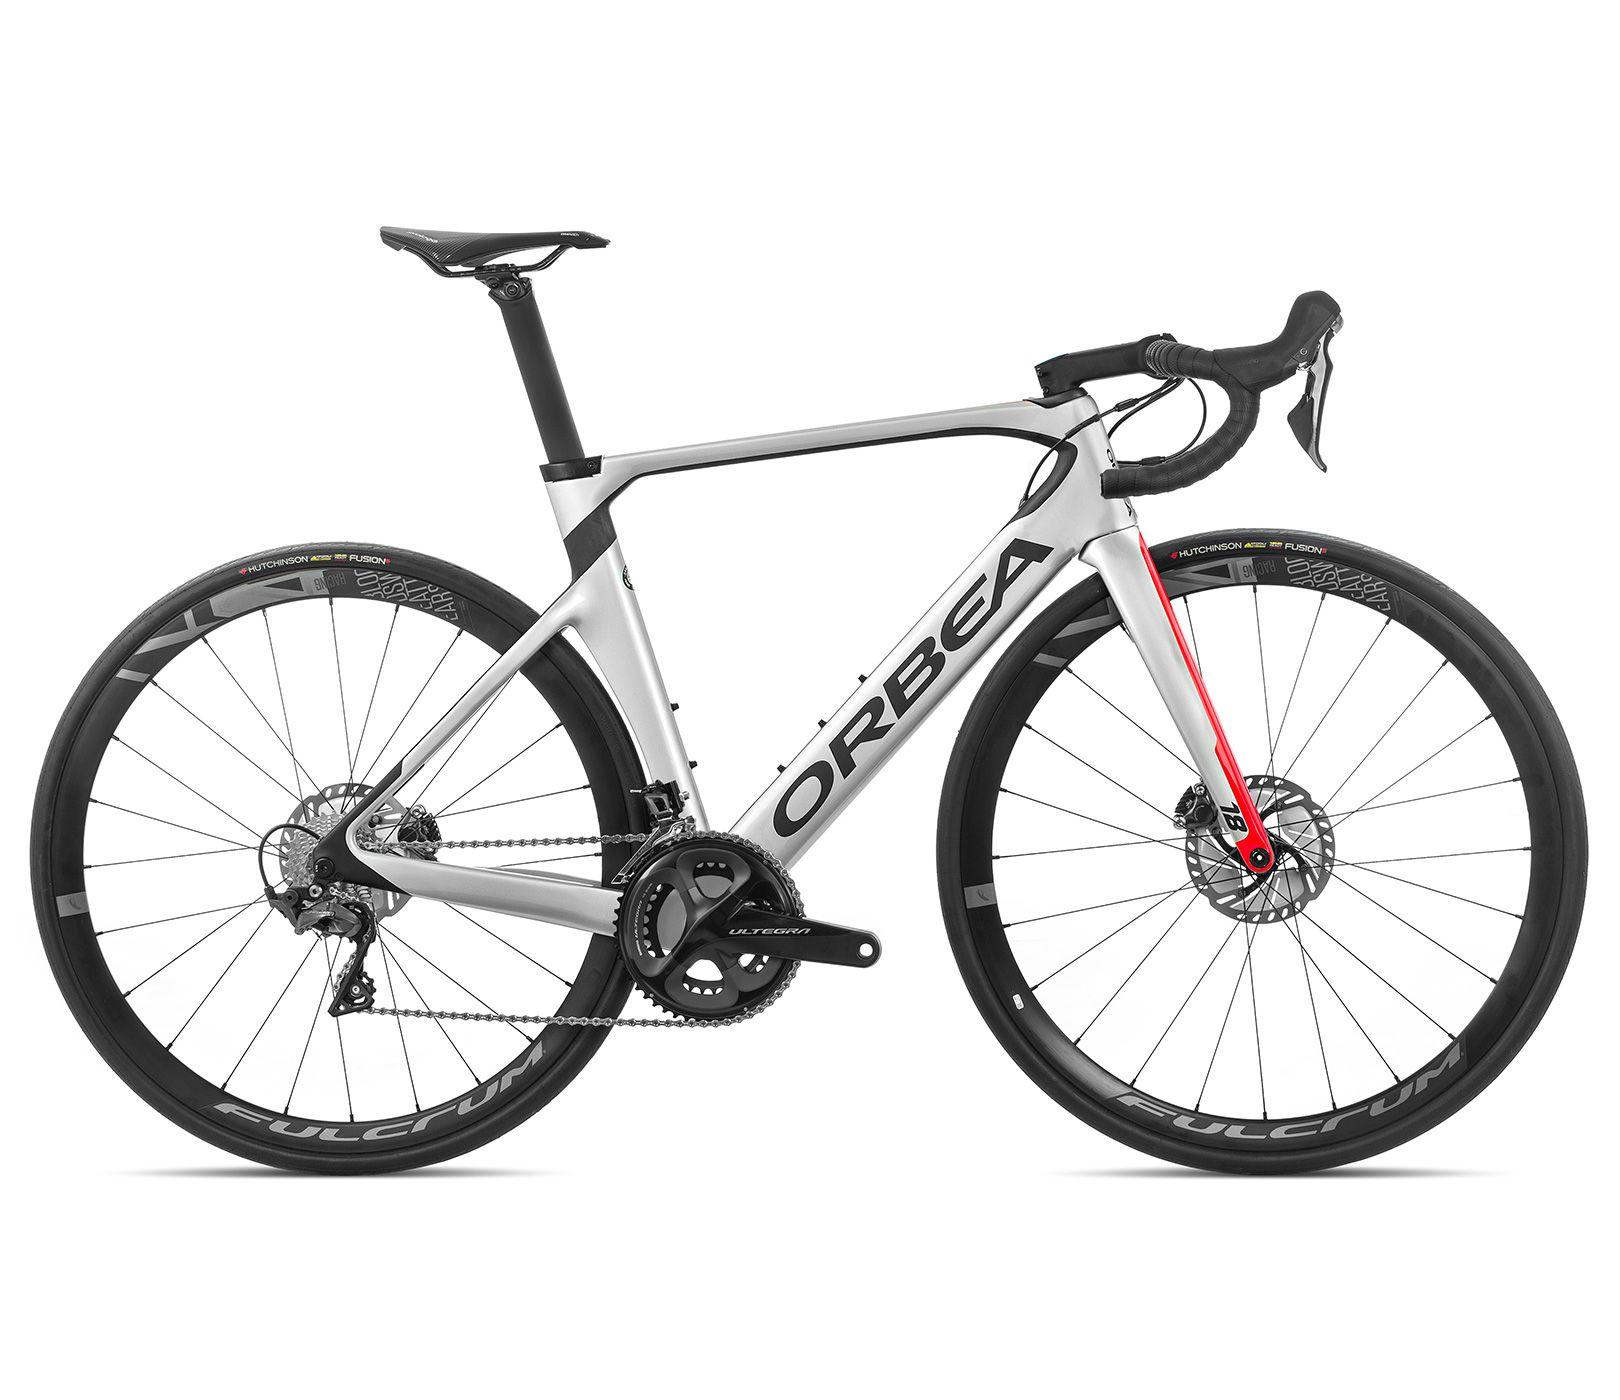 Bicicleta estrada Orbea Orca AERO M20 TEAM-D  Tam 49 Prata/Verm - 2020